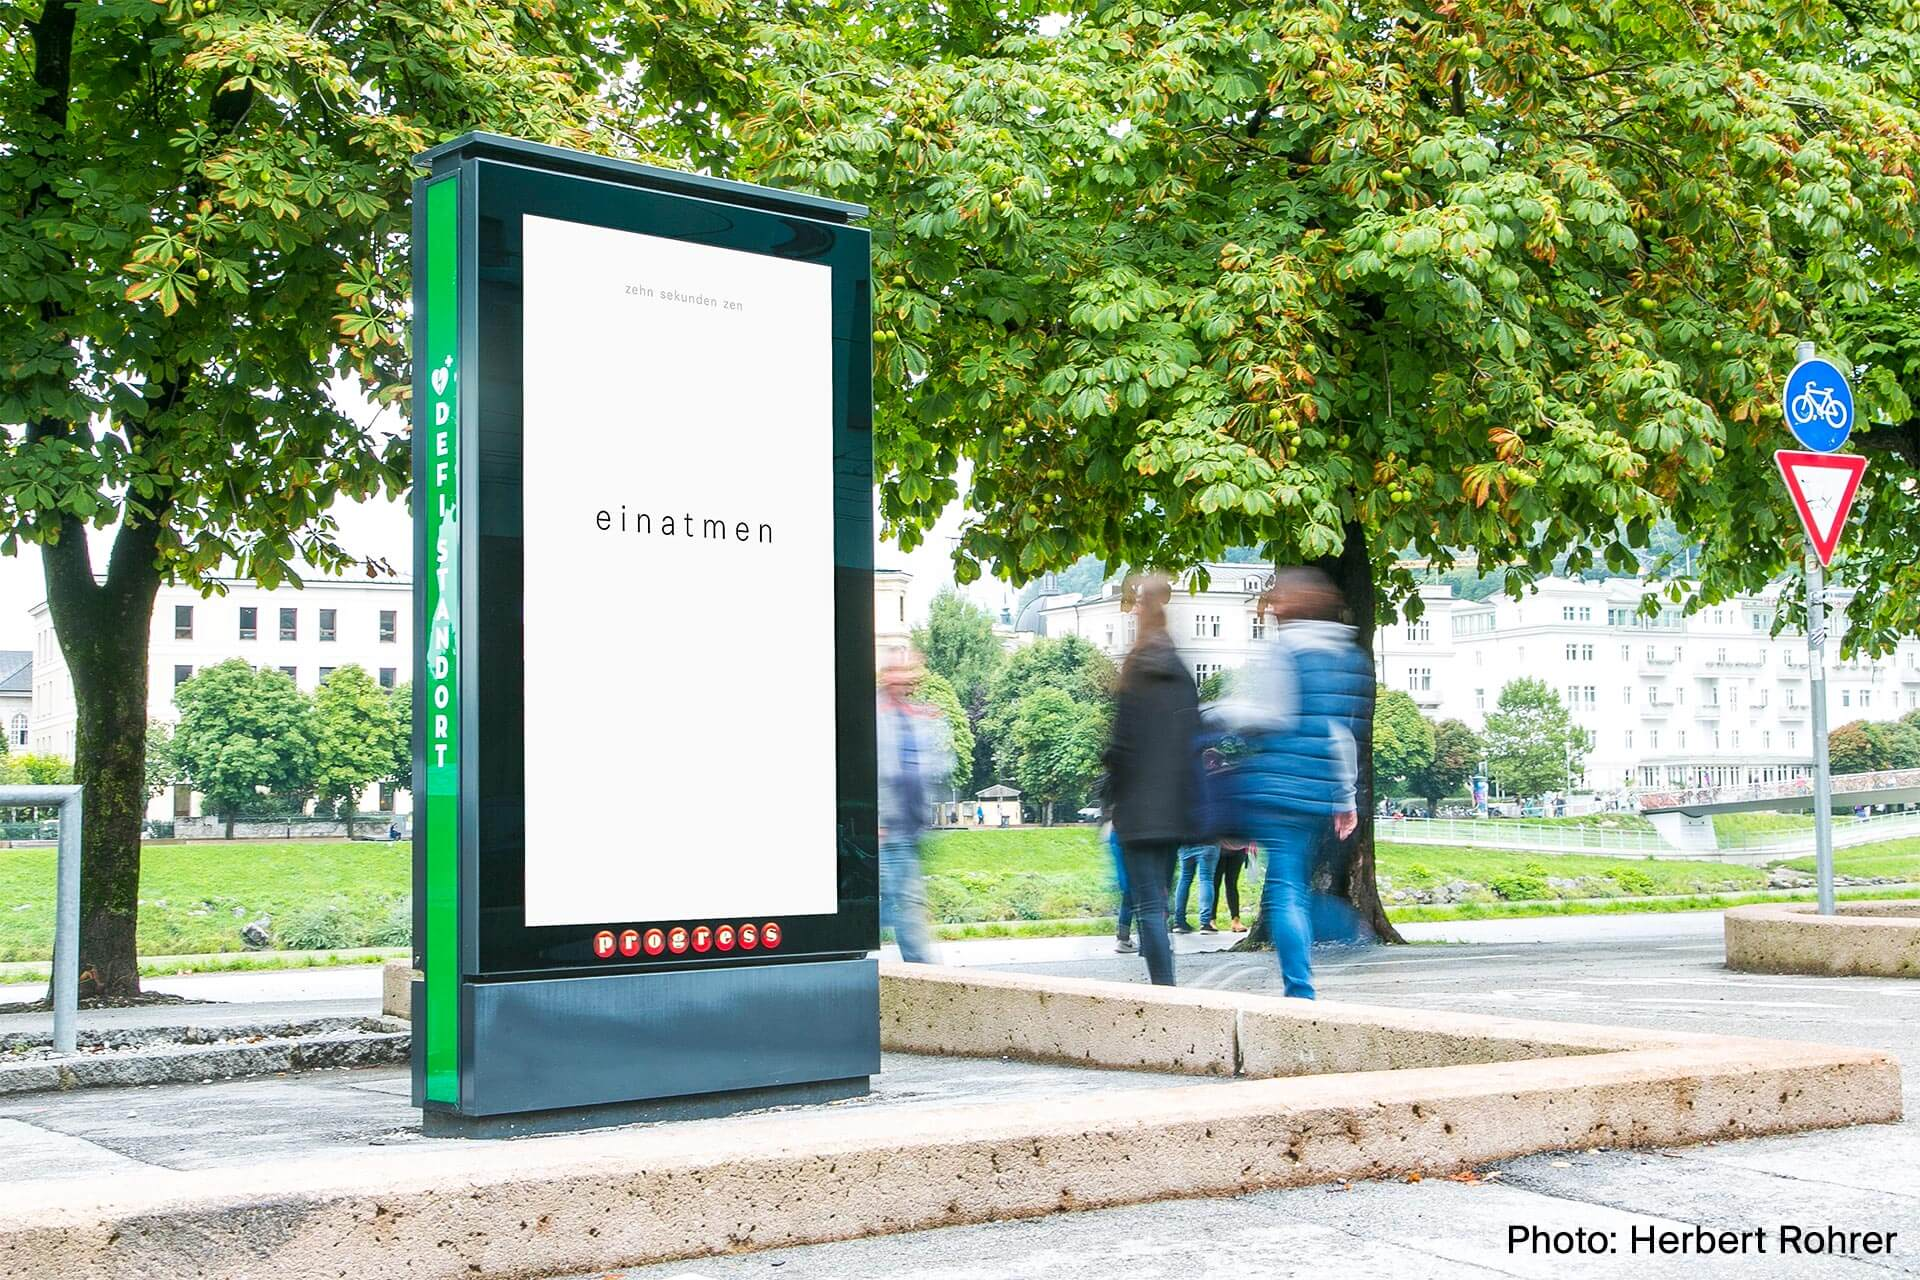 HM19-fotos-posters-01